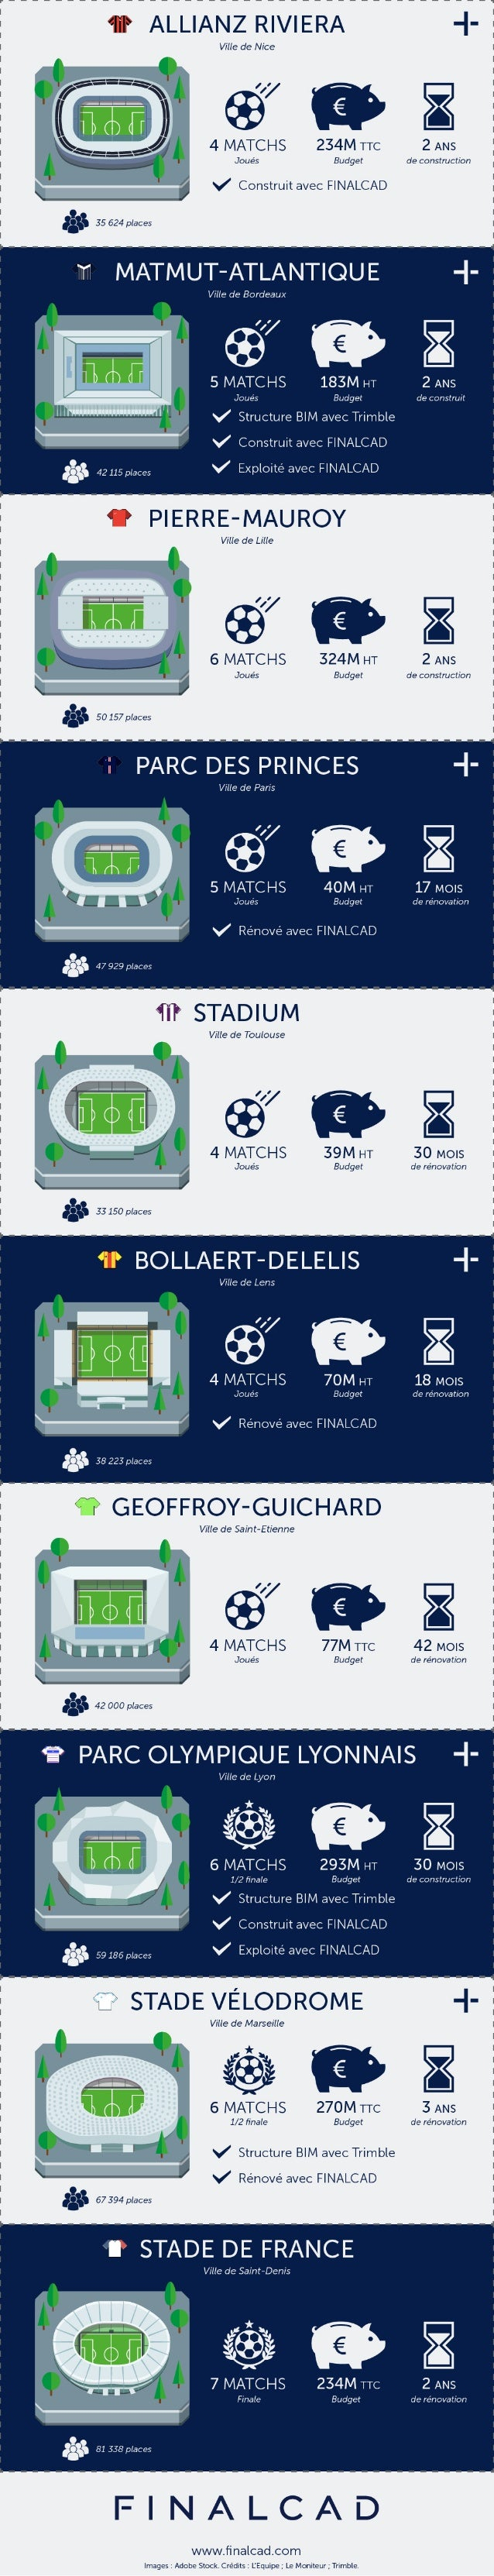 Les travaux des stades de l'EURO 2016 en chiffres